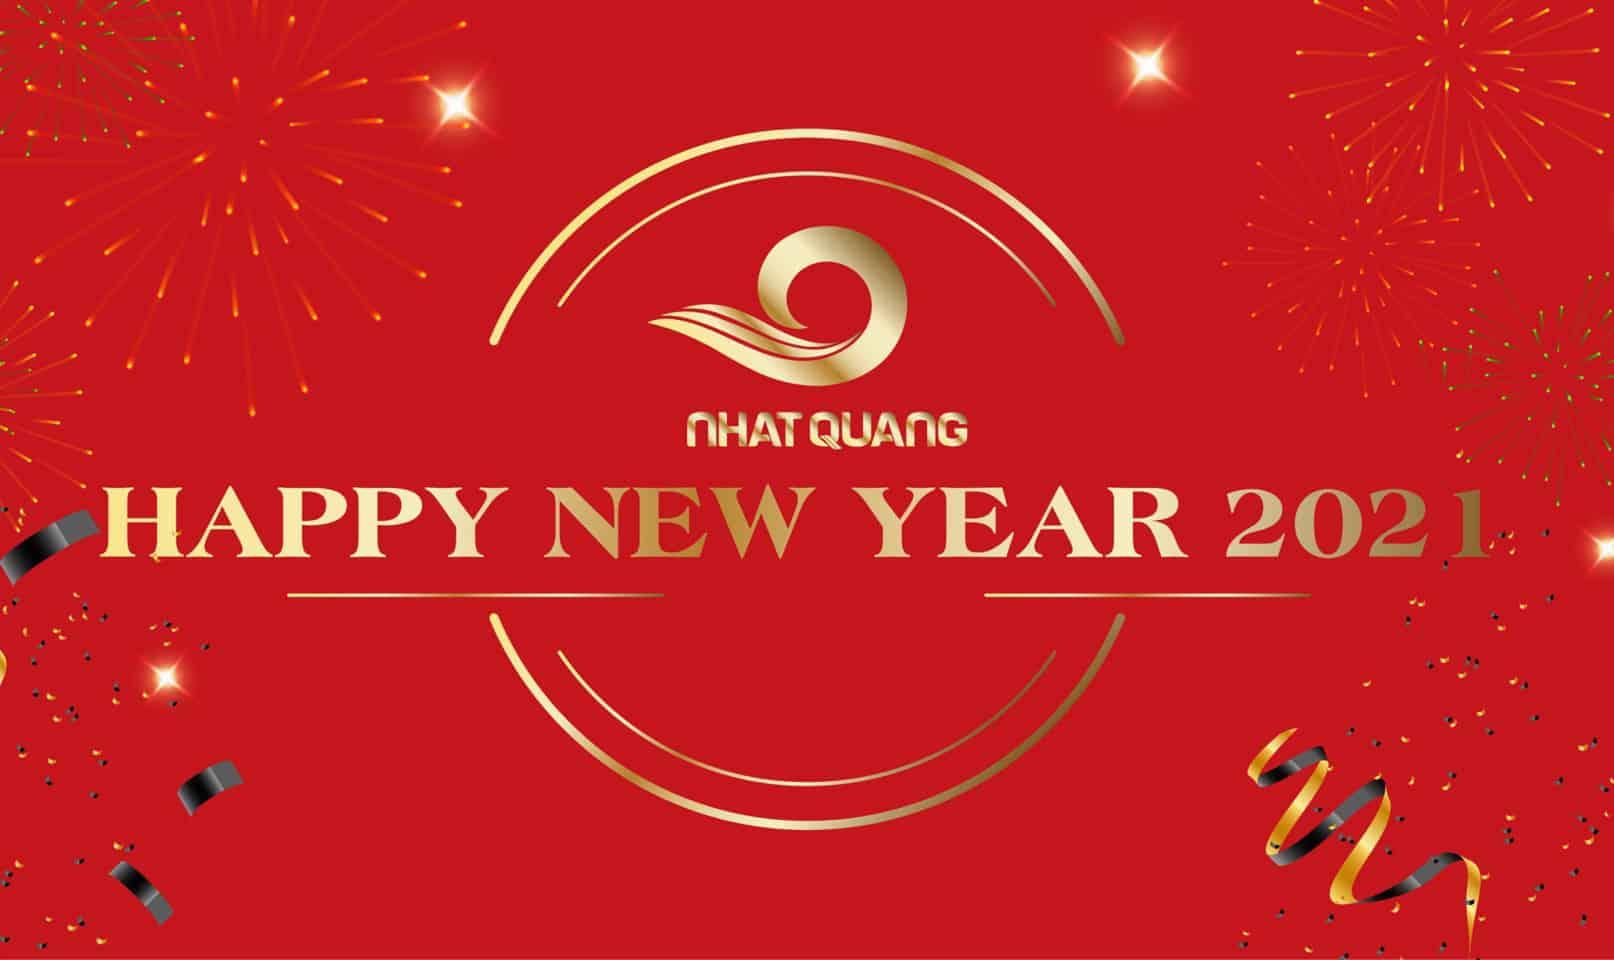 Thép Nhật Quang chúc mừng năm mới 2021